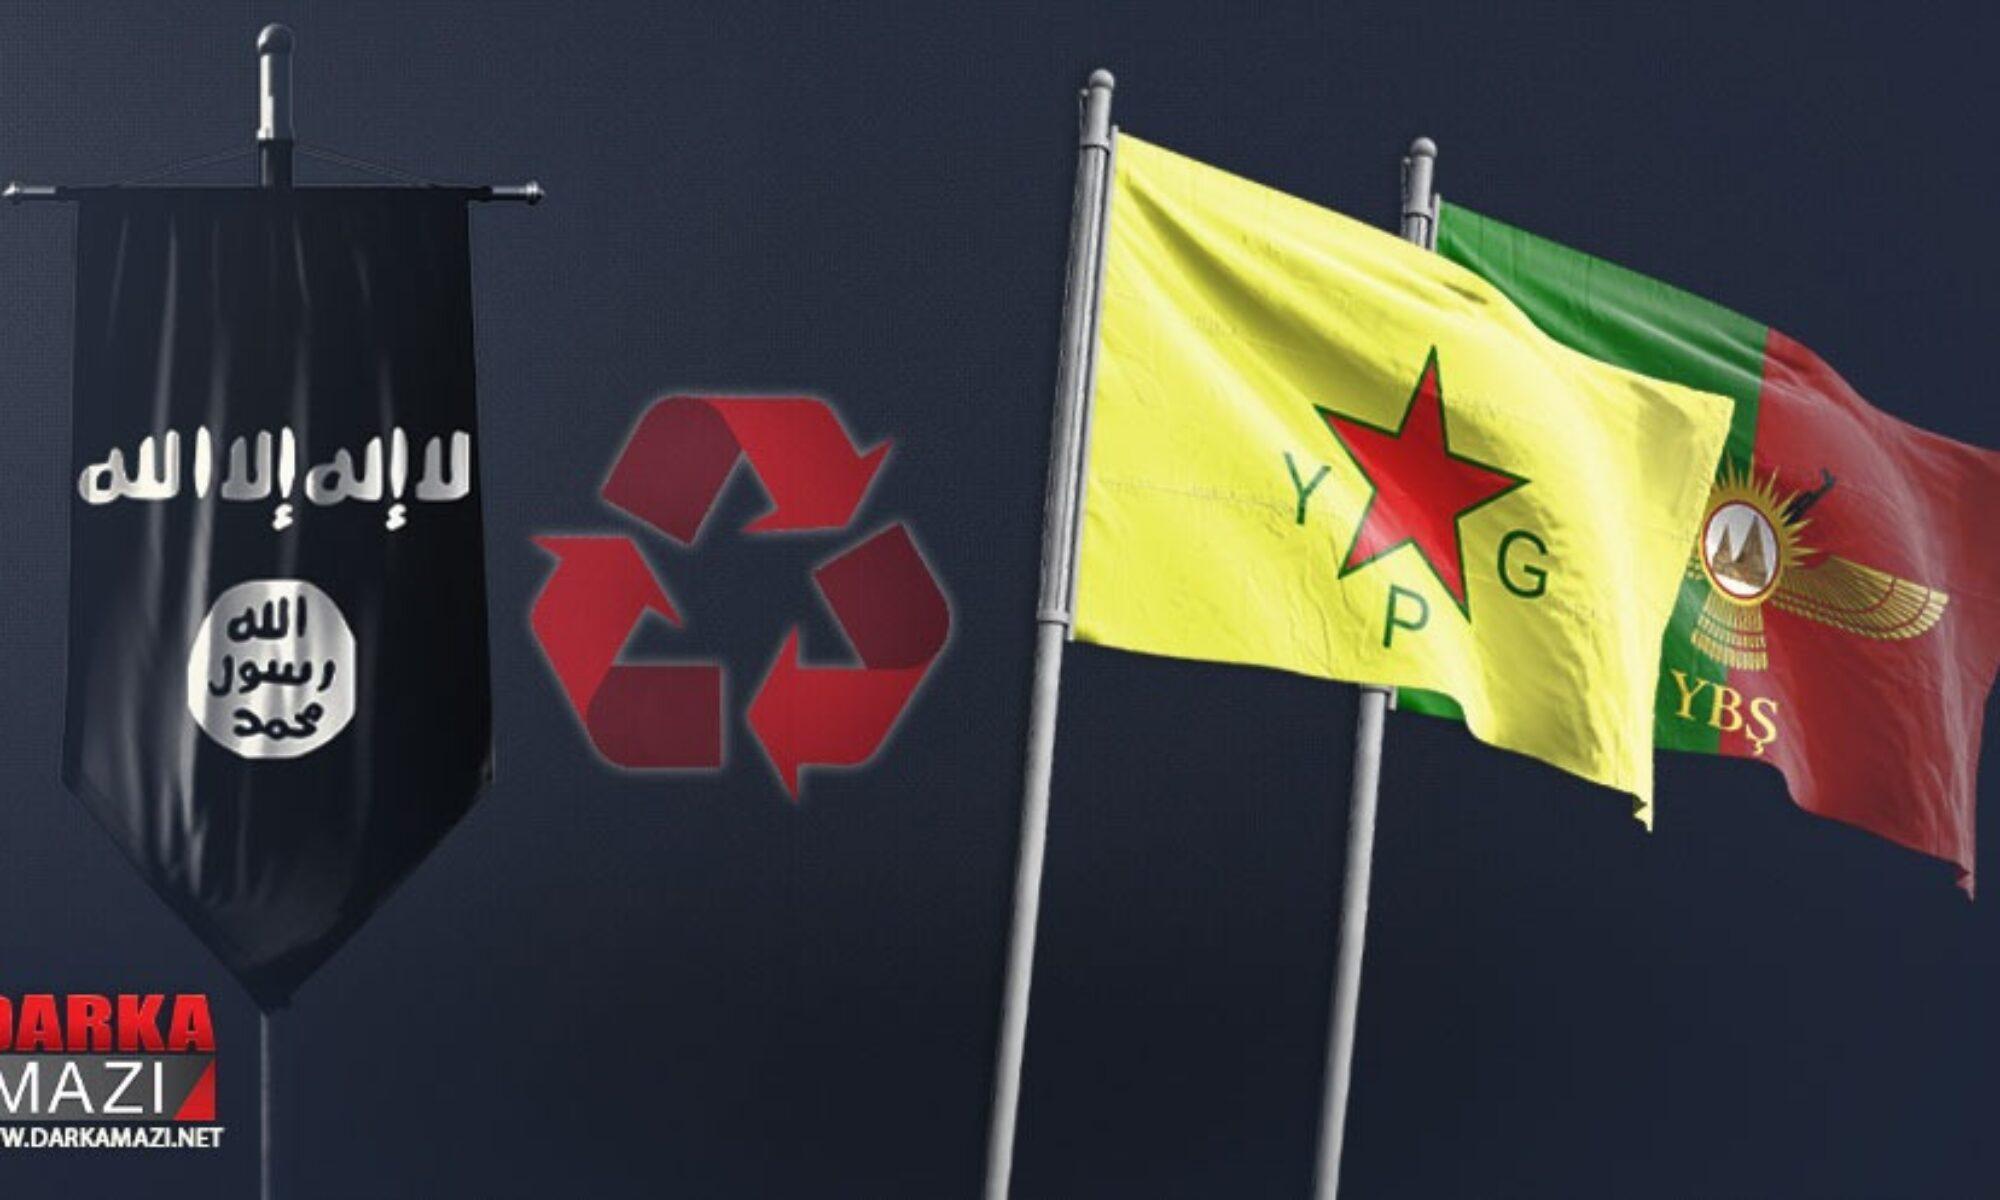 PKK saflarındaki IŞİD'liler El Nusra, YPG, YBŞ, Şengal, Barzani, Şengal'i kurtarma operasyonu,